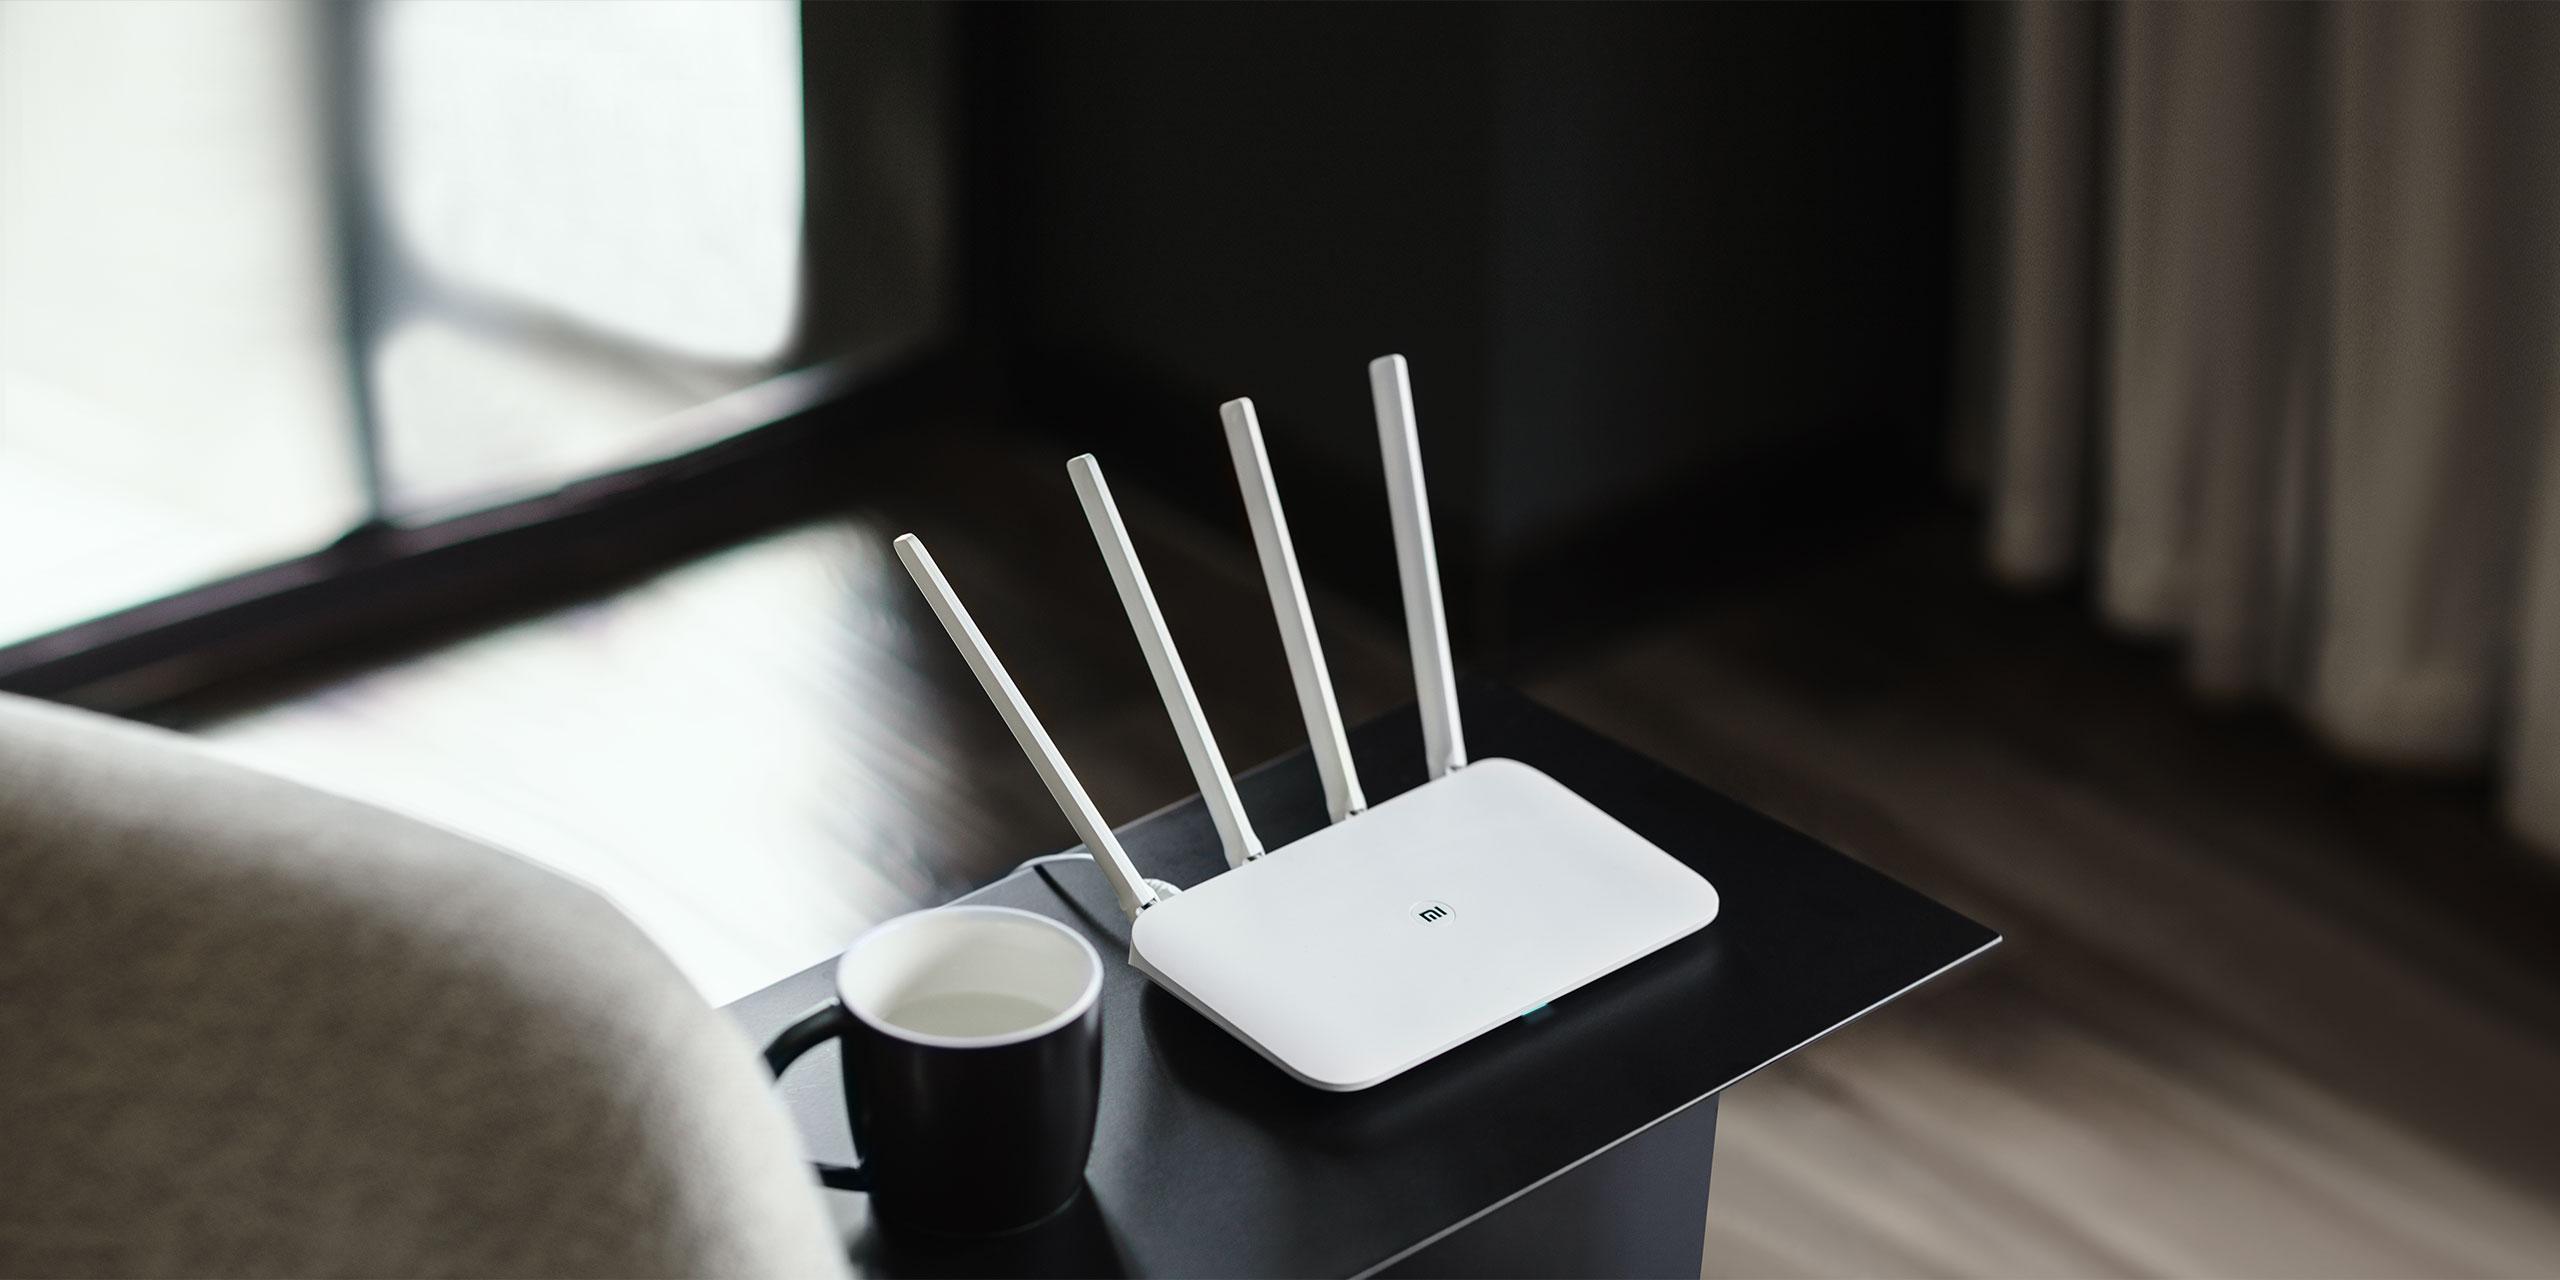 Mi 4 WiFi Router